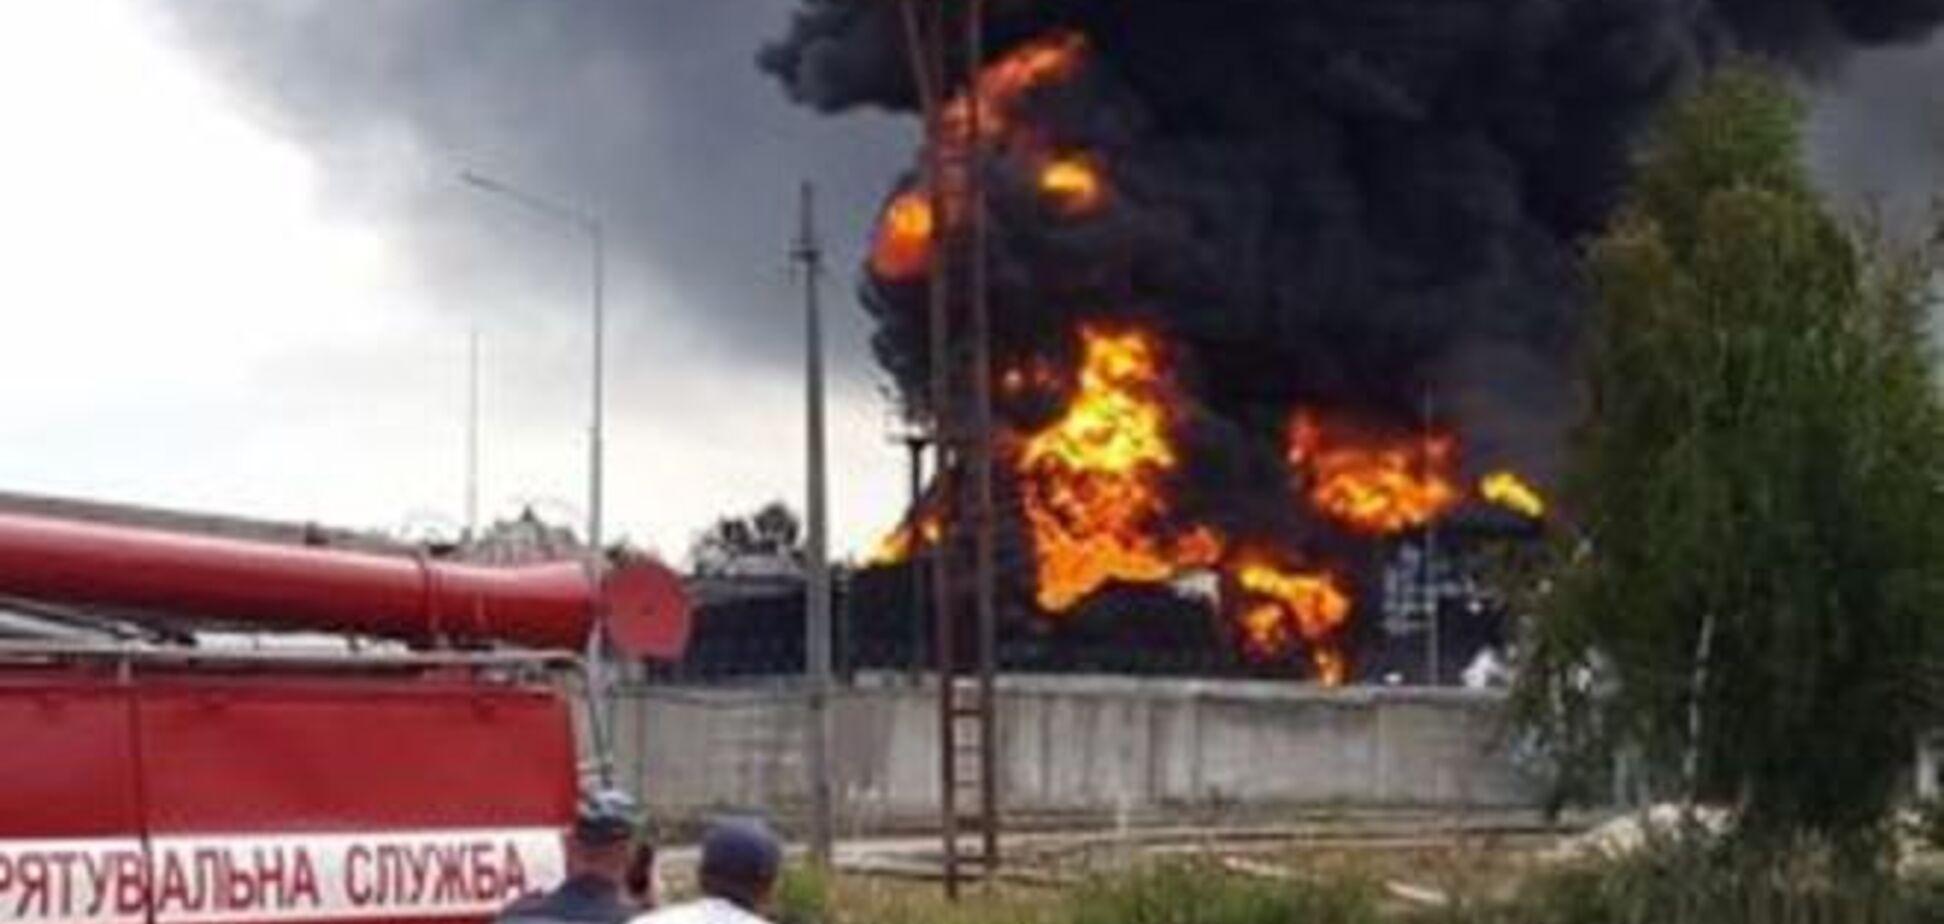 У Києві помер оператор нафтобази 'БРСМ-нафта', отримавши масштабні опіки